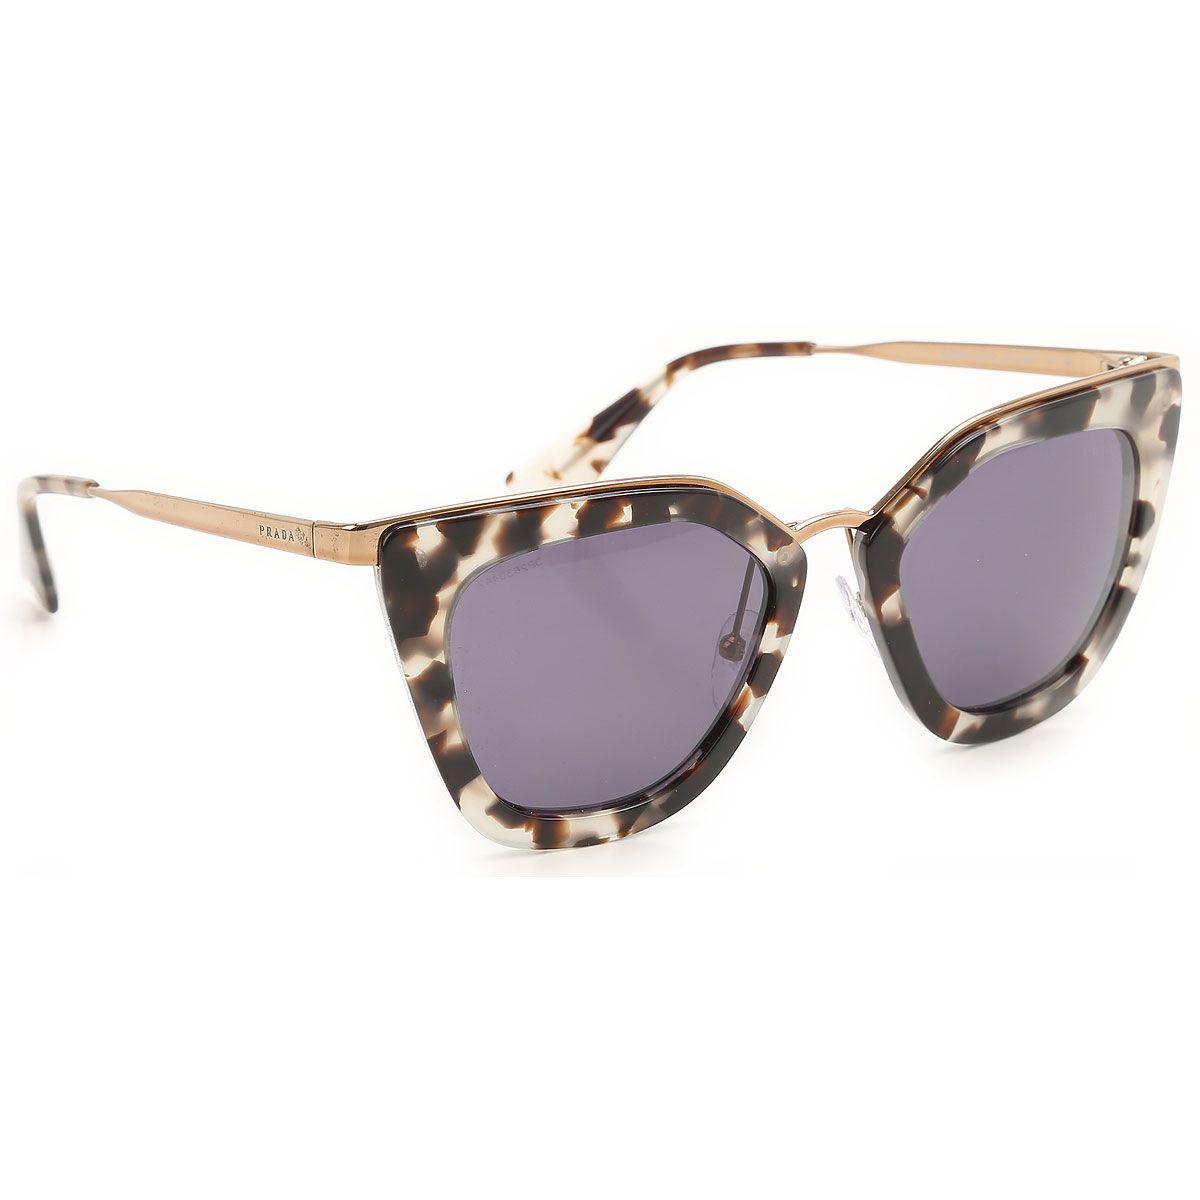 Vente de lunettes de soleil Prada pour femme et pour homme, dernière  collection. c5a7926bedaa